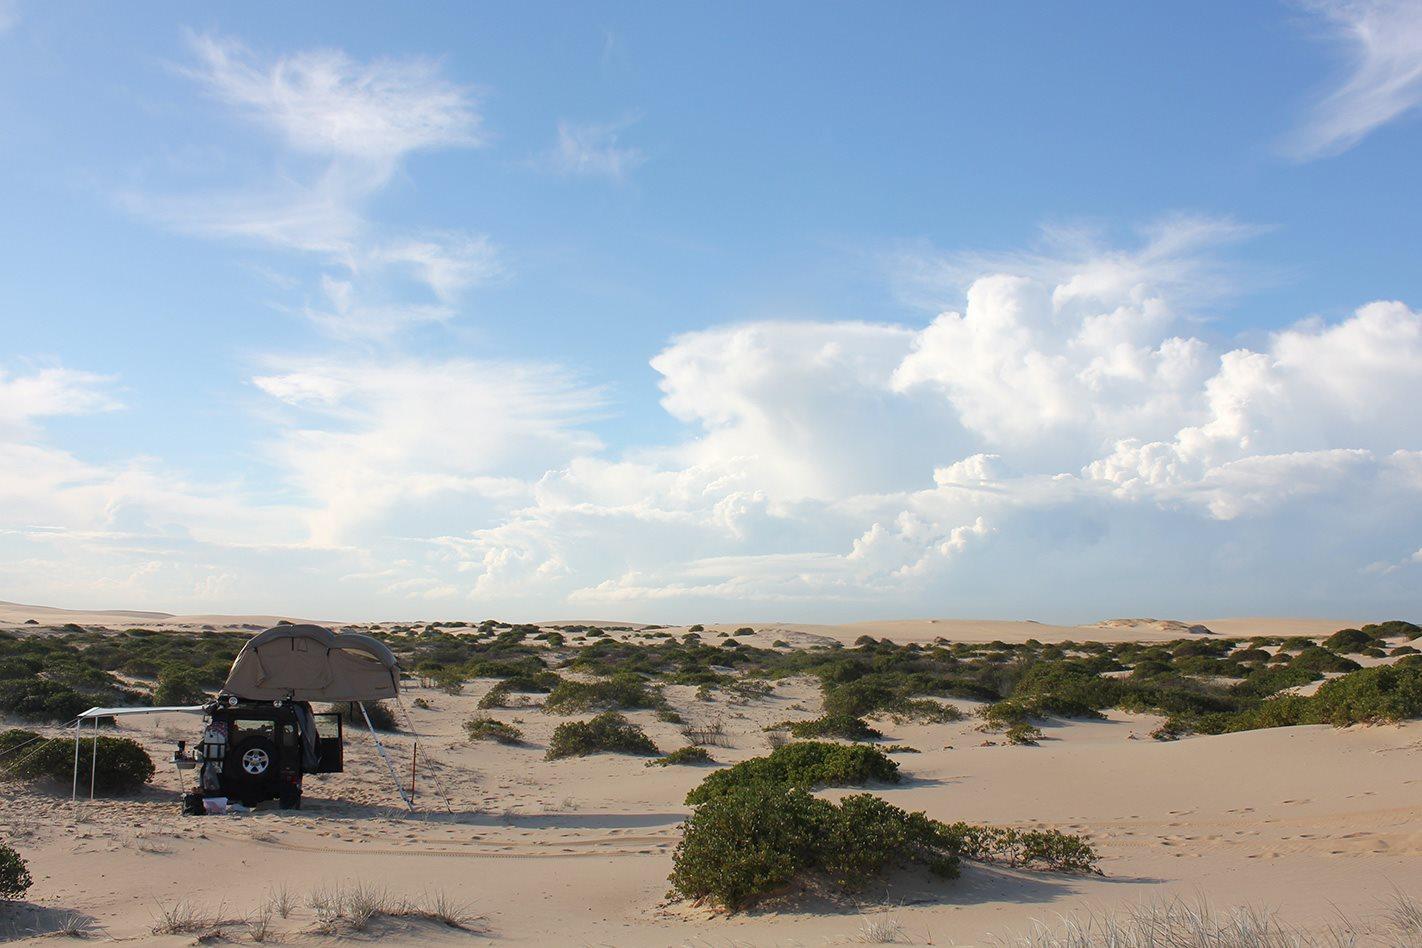 Sand dunes on Stockton beach